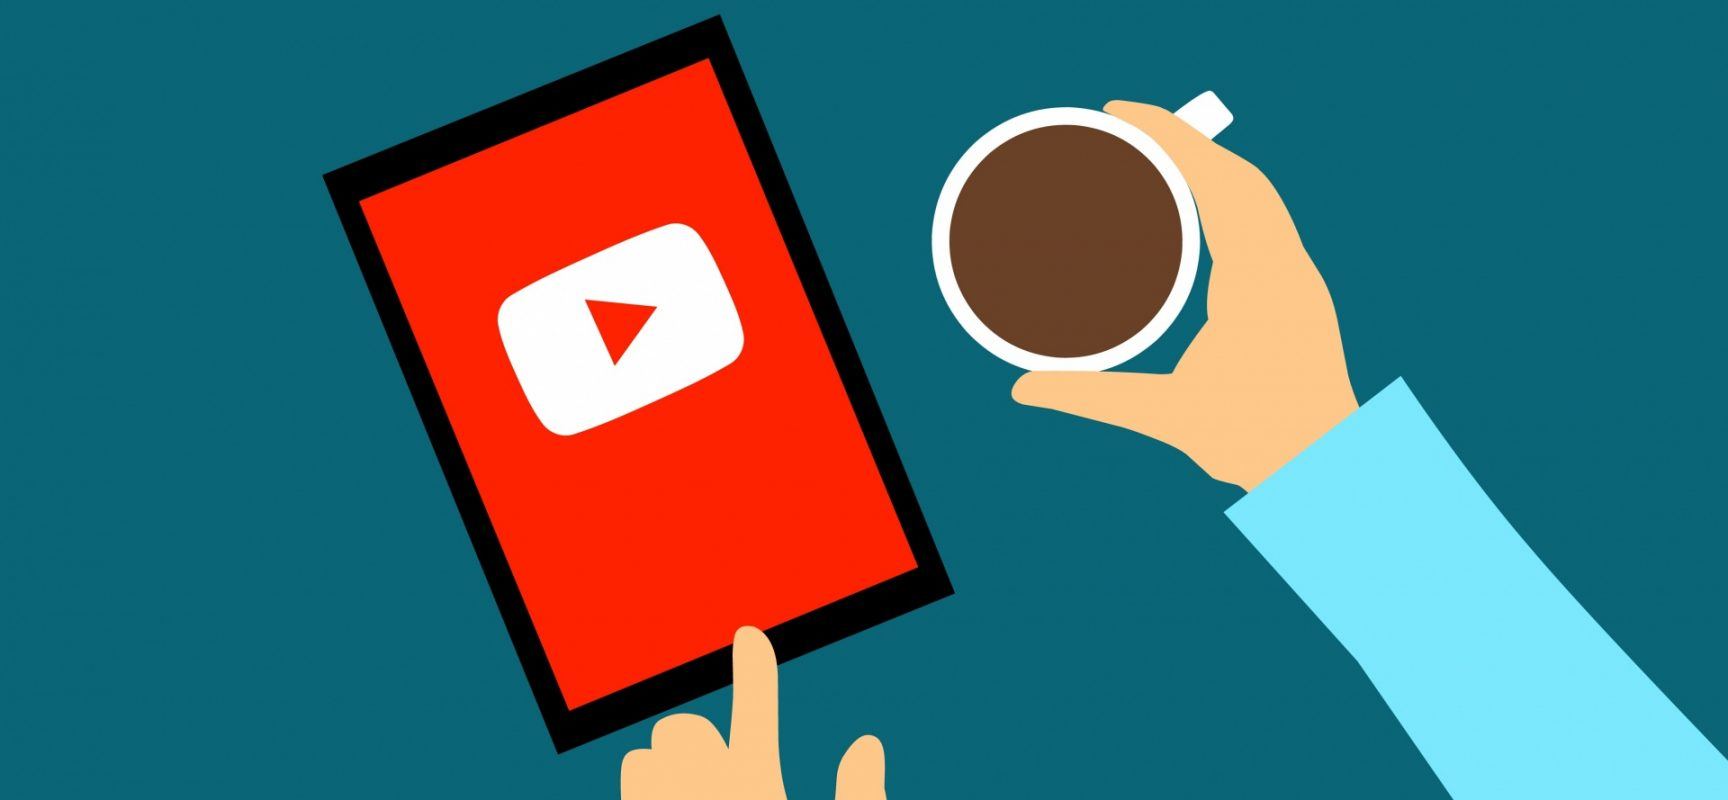 Как искать на YouTube и находить нужный видеоролик или комментарий